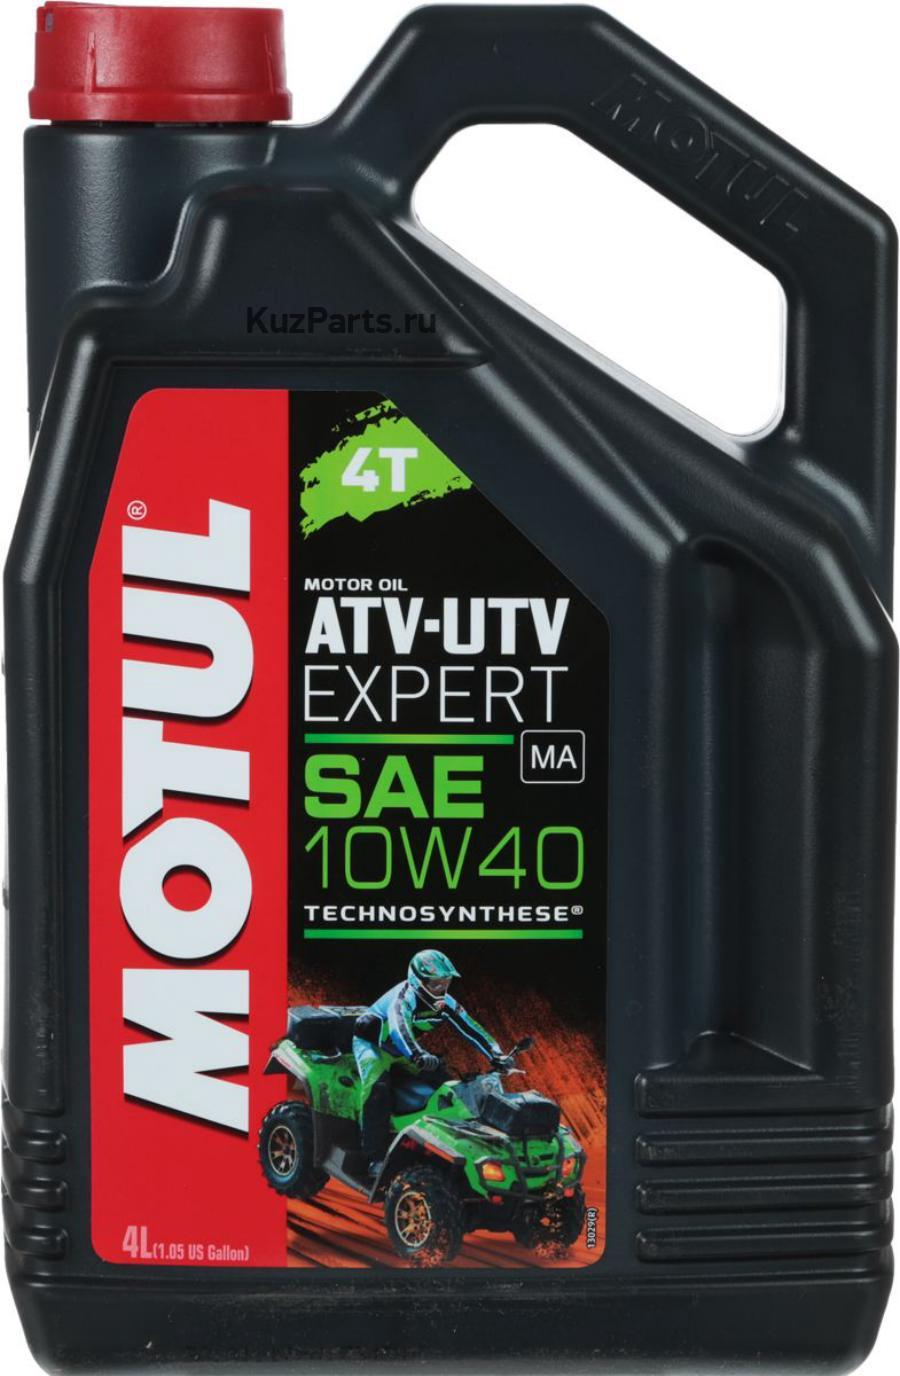 Масло моторное полусинтетическое ATV-UTV Expert 10W-40, 4л